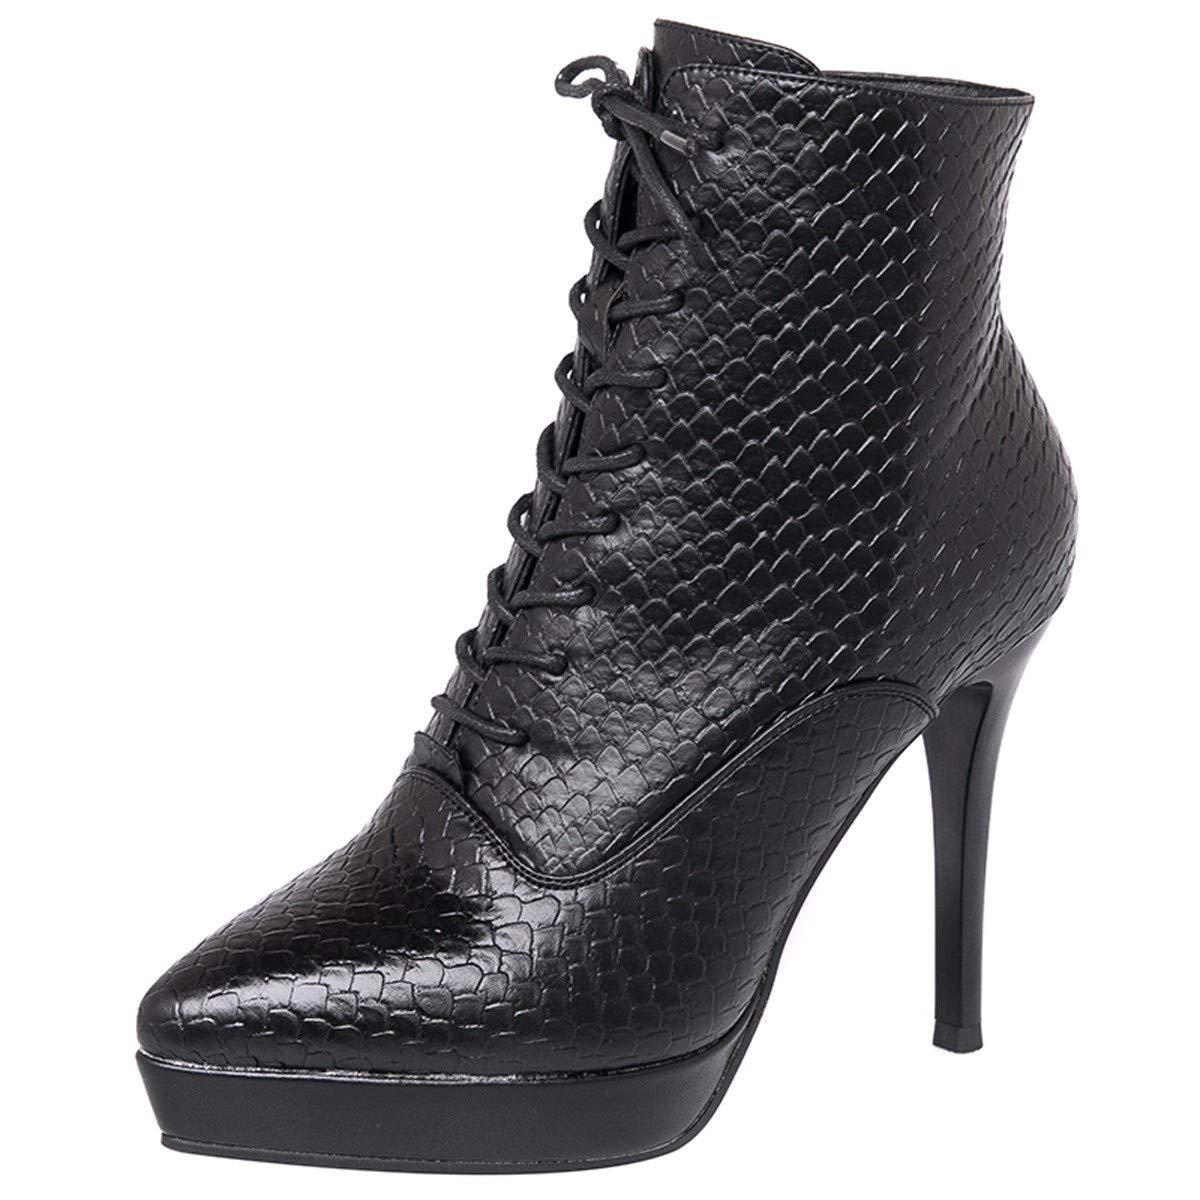 KPHY Damenschuhe Winter Flanell Absatz 10 cm Hoch Baumwolle Schuhe Schuhe Schuhe Spitze Dünne Sohle Schuhe Mode Baitie Martin Stiefel 0f772e